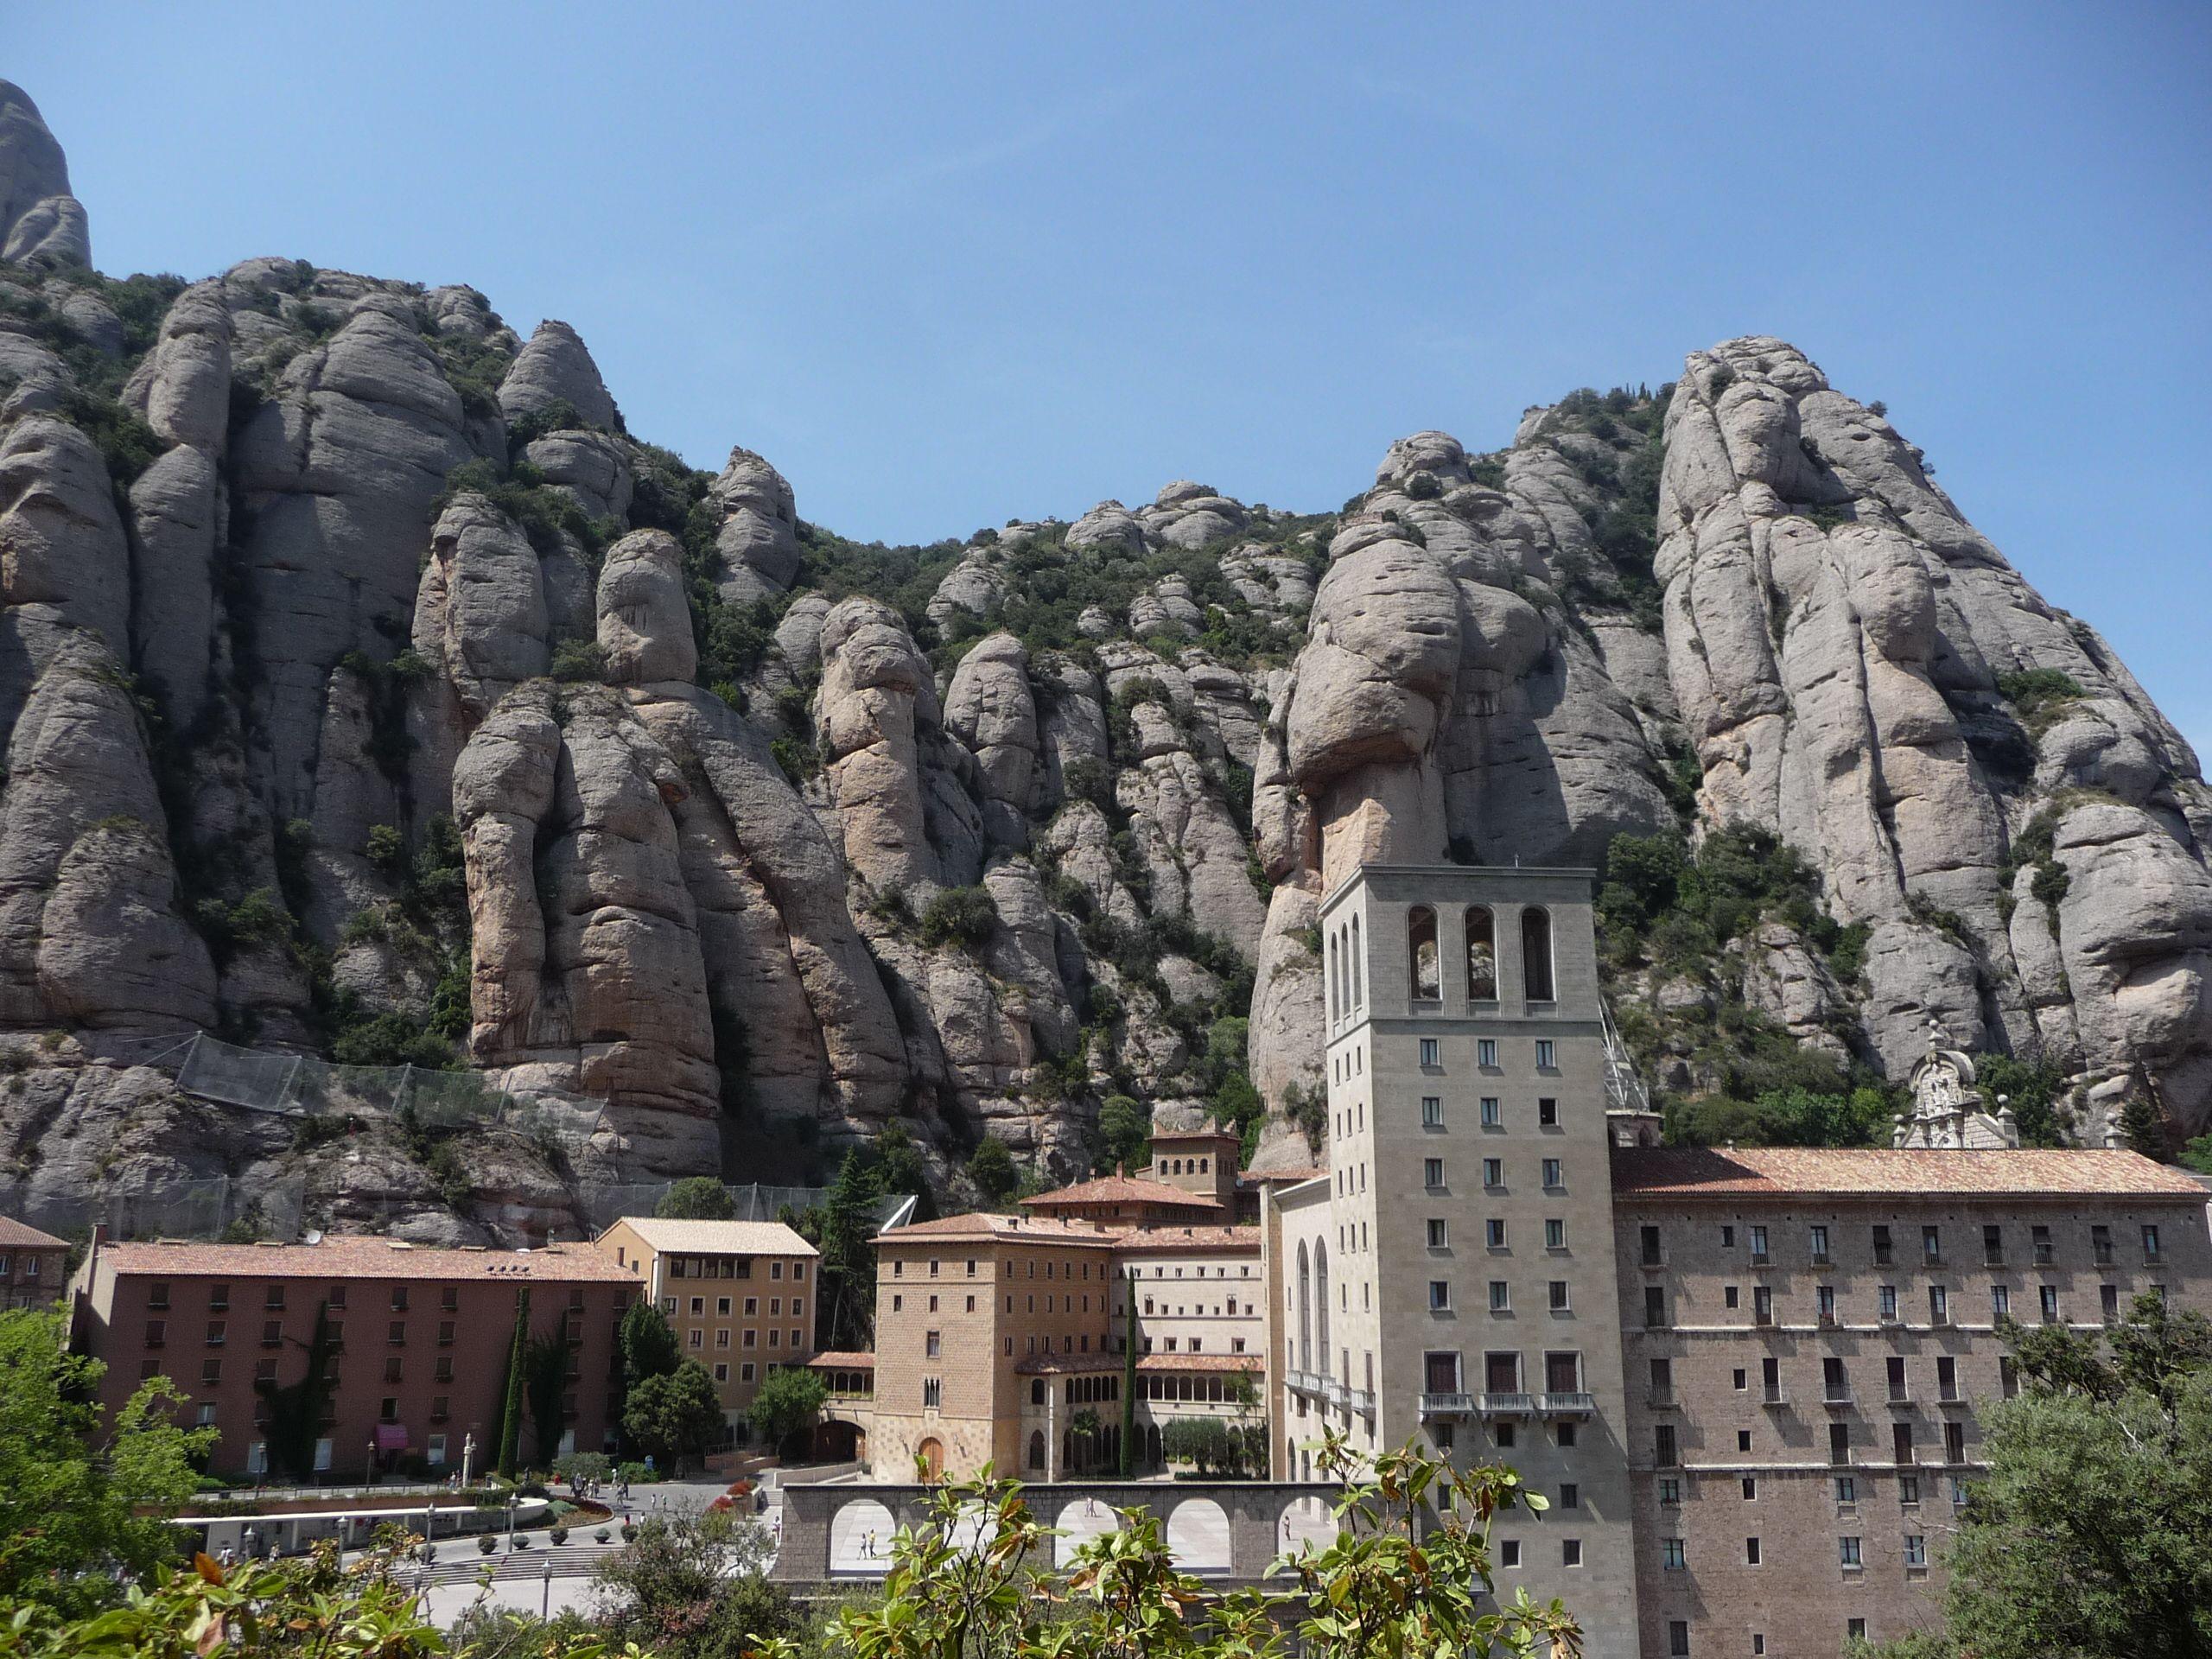 """монастырь Монтсеррат (многие по-русски пишут без буквы """"т""""),  (кат. Monestir Santa Maria de Montserrat, исп. Monasterio de Montserrat).   Монастырь в Montserrat был основан в 1025 г. Риполльским аббатом Олибой (abbot Oliba of Ripoll and Cuxa). Oднако первые небольшие католические храмы-часовни появились там еще в IX в., когда эта земля была отвоевана у мусульман – cарацинов, как их тогда называли. Аббат Олиба, по всей видимости, руководил постройкой монастыря; он был известным архитектором ."""